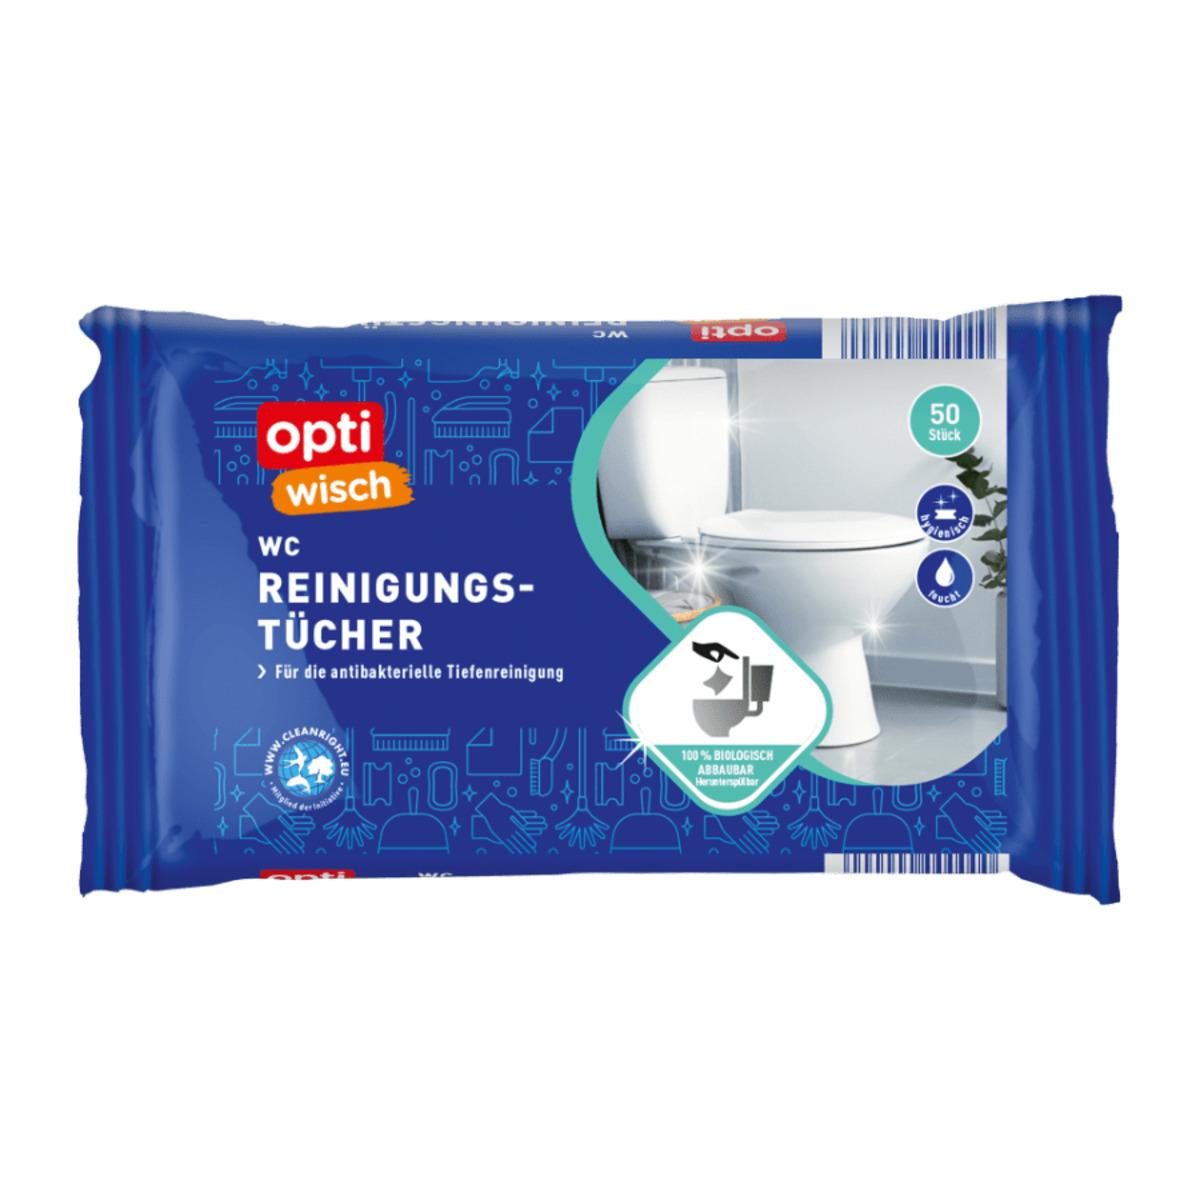 Bild 3 von OPTIWISCH     Reinigungstücher